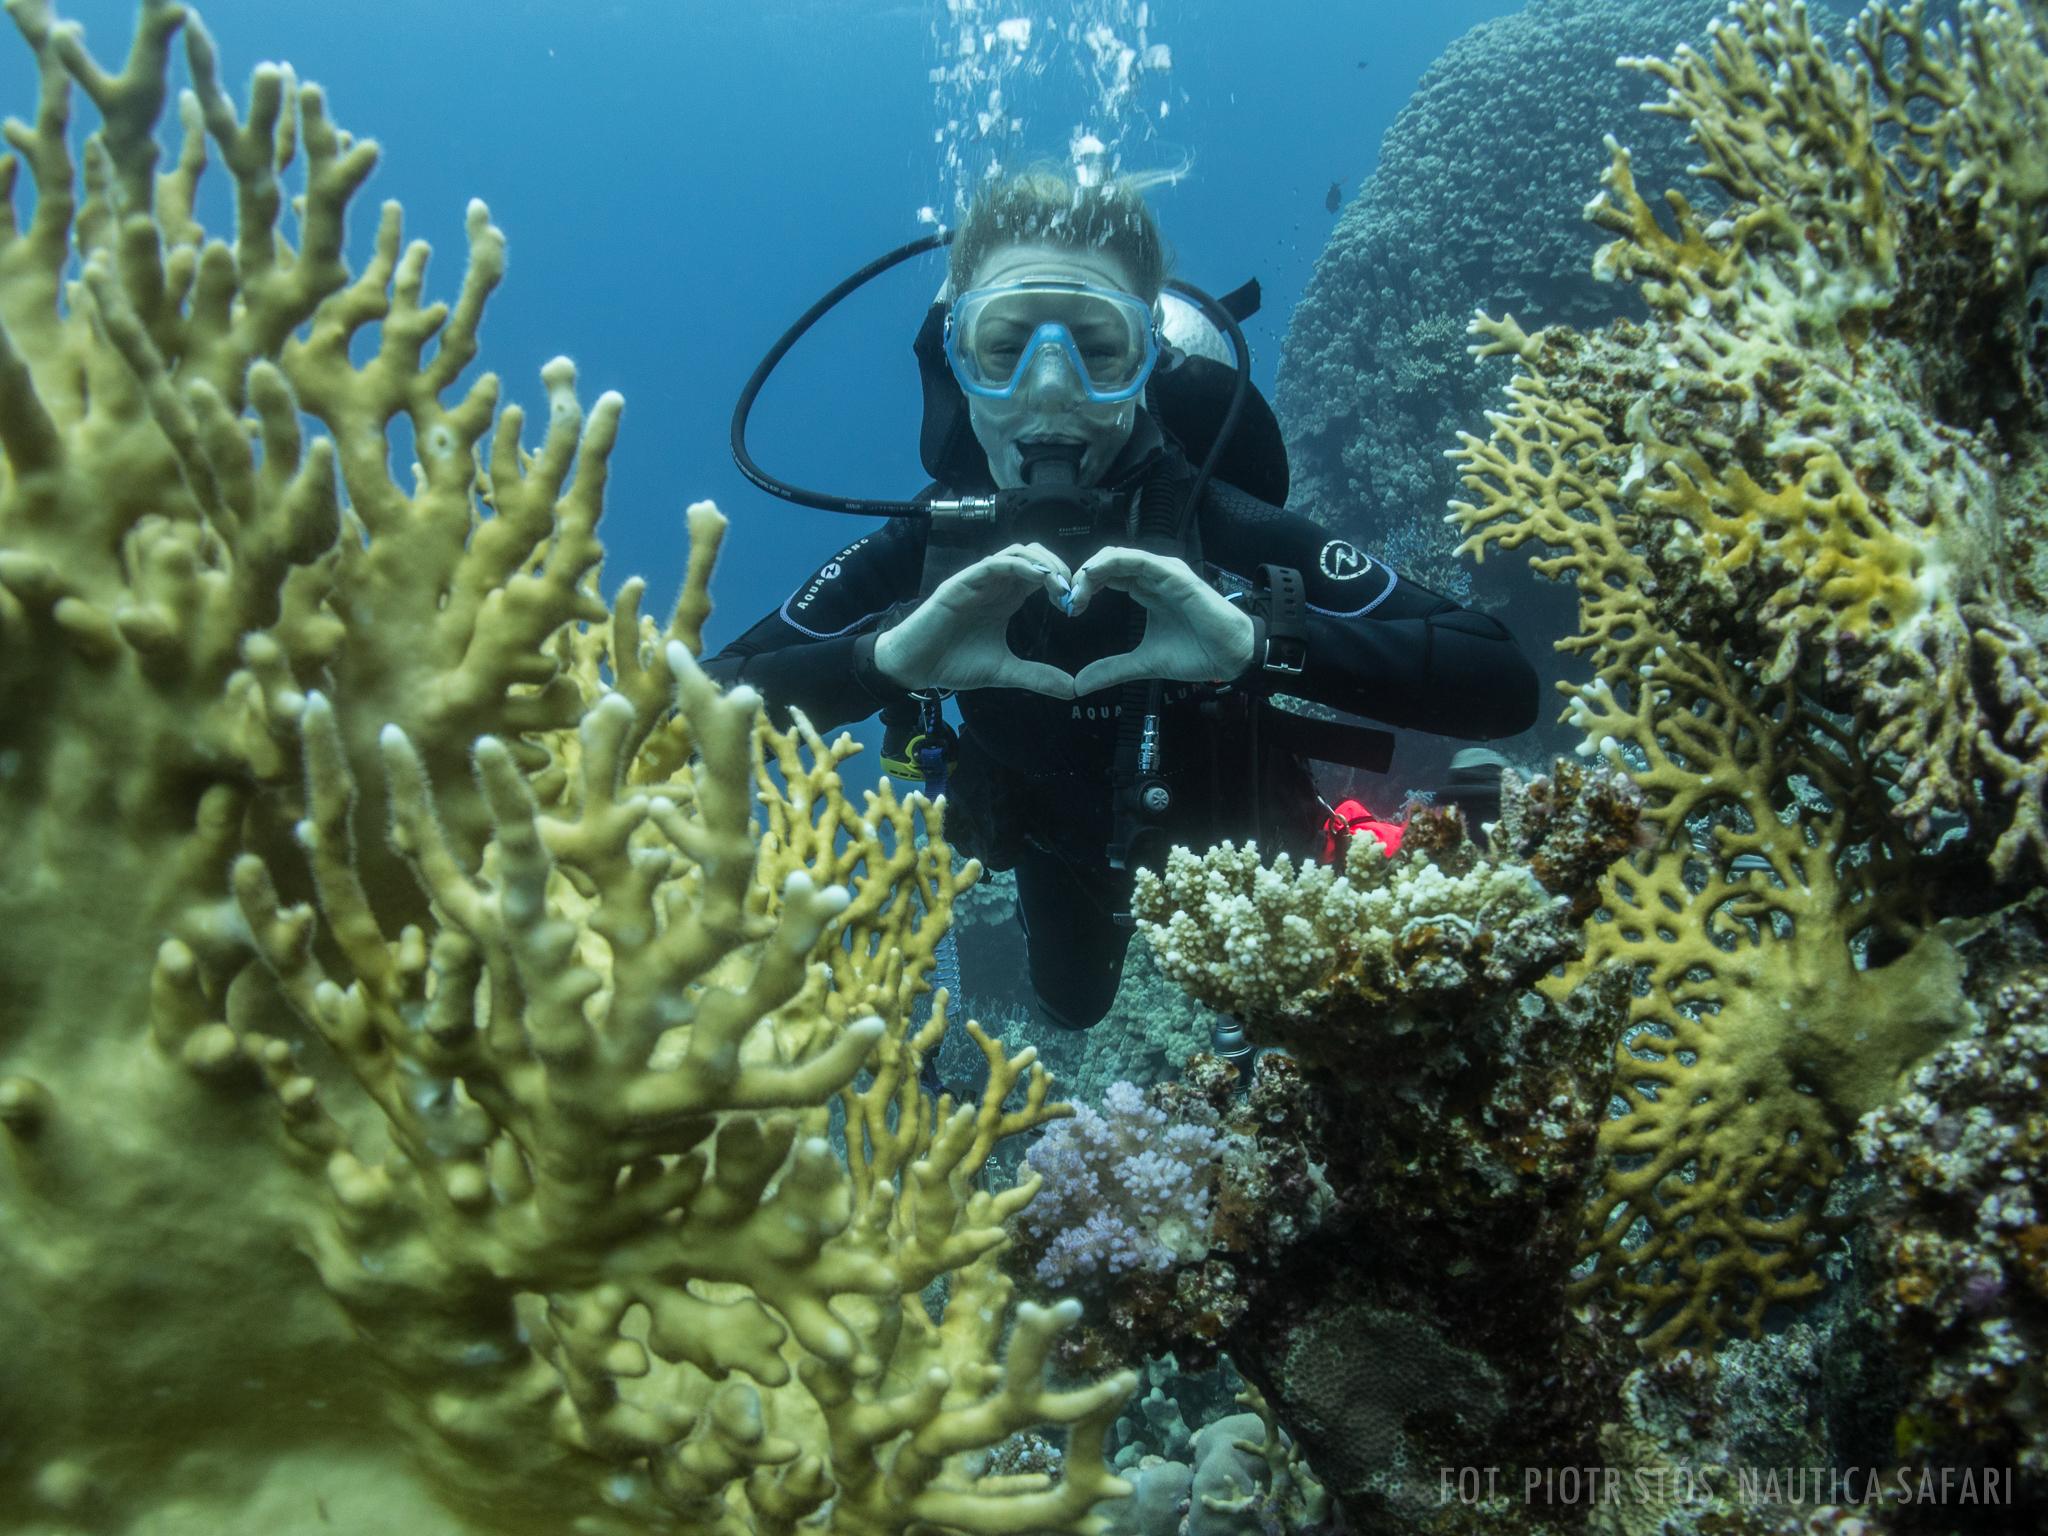 Jak oddychać pod wodą, by powietrza w butli starczyło na dłużej? -